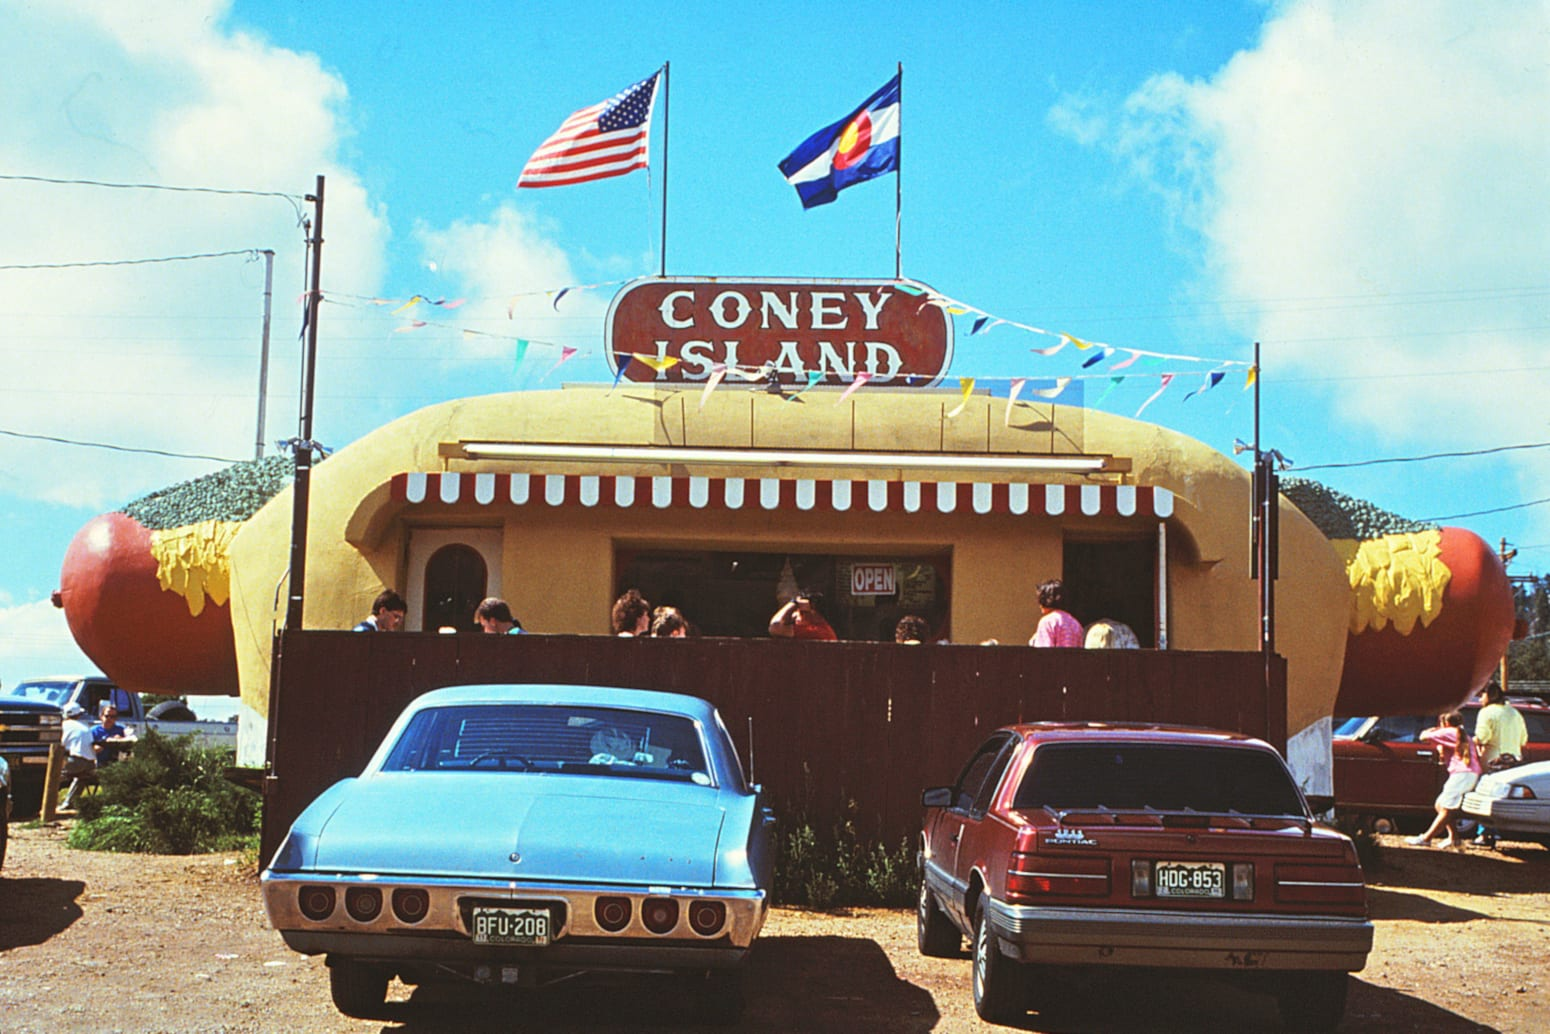 Coney Island Boardwalk Aspen Park Colorado 1991 Location